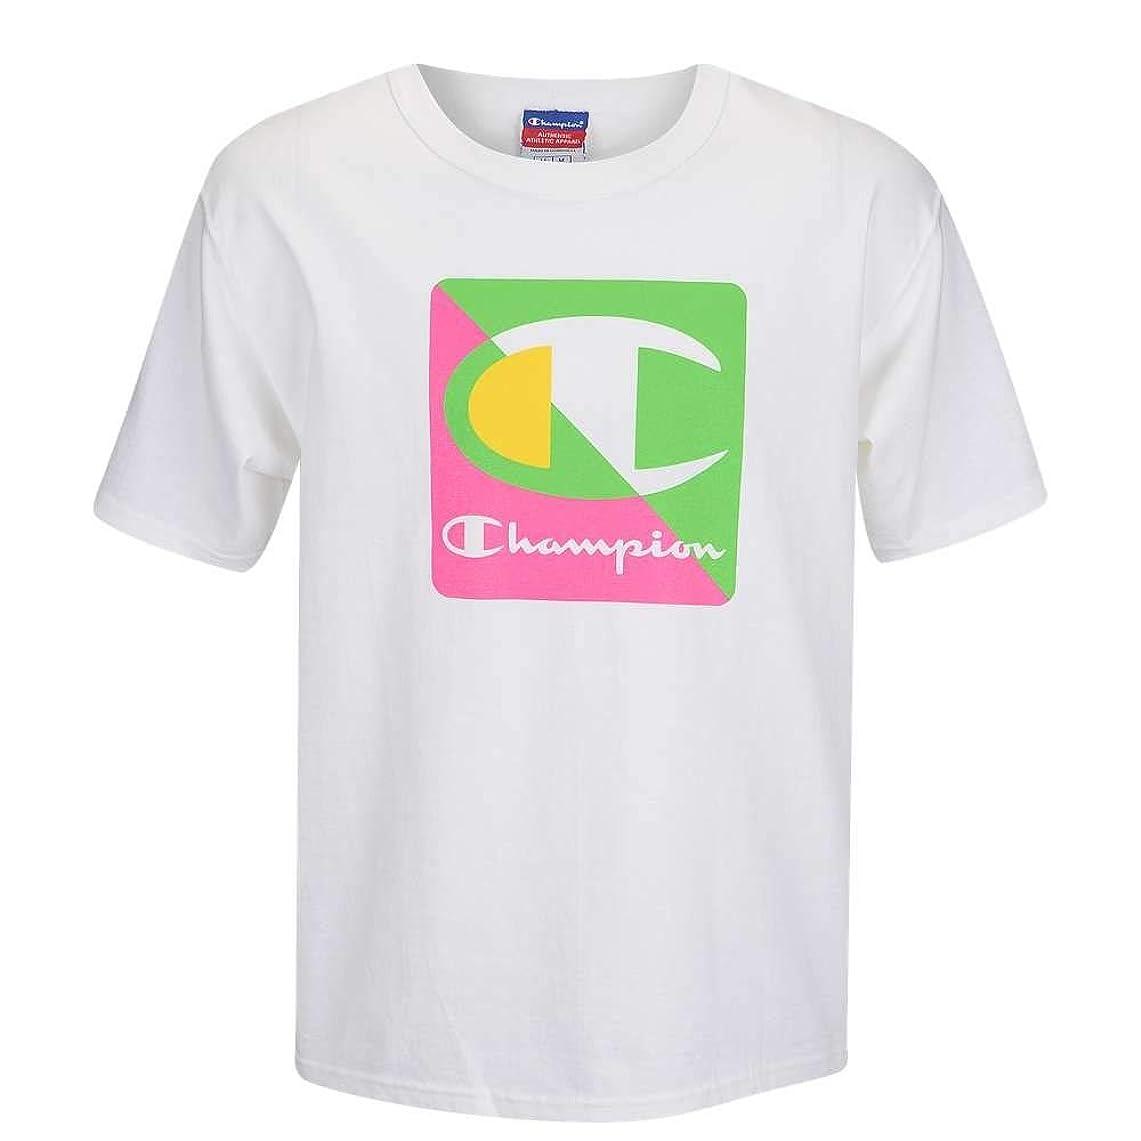 さようなら麻痺スカウト(チャンピオン) Champion メンズ トップス Tシャツ Graphic Short Sleeve T-Shirt [並行輸入品]